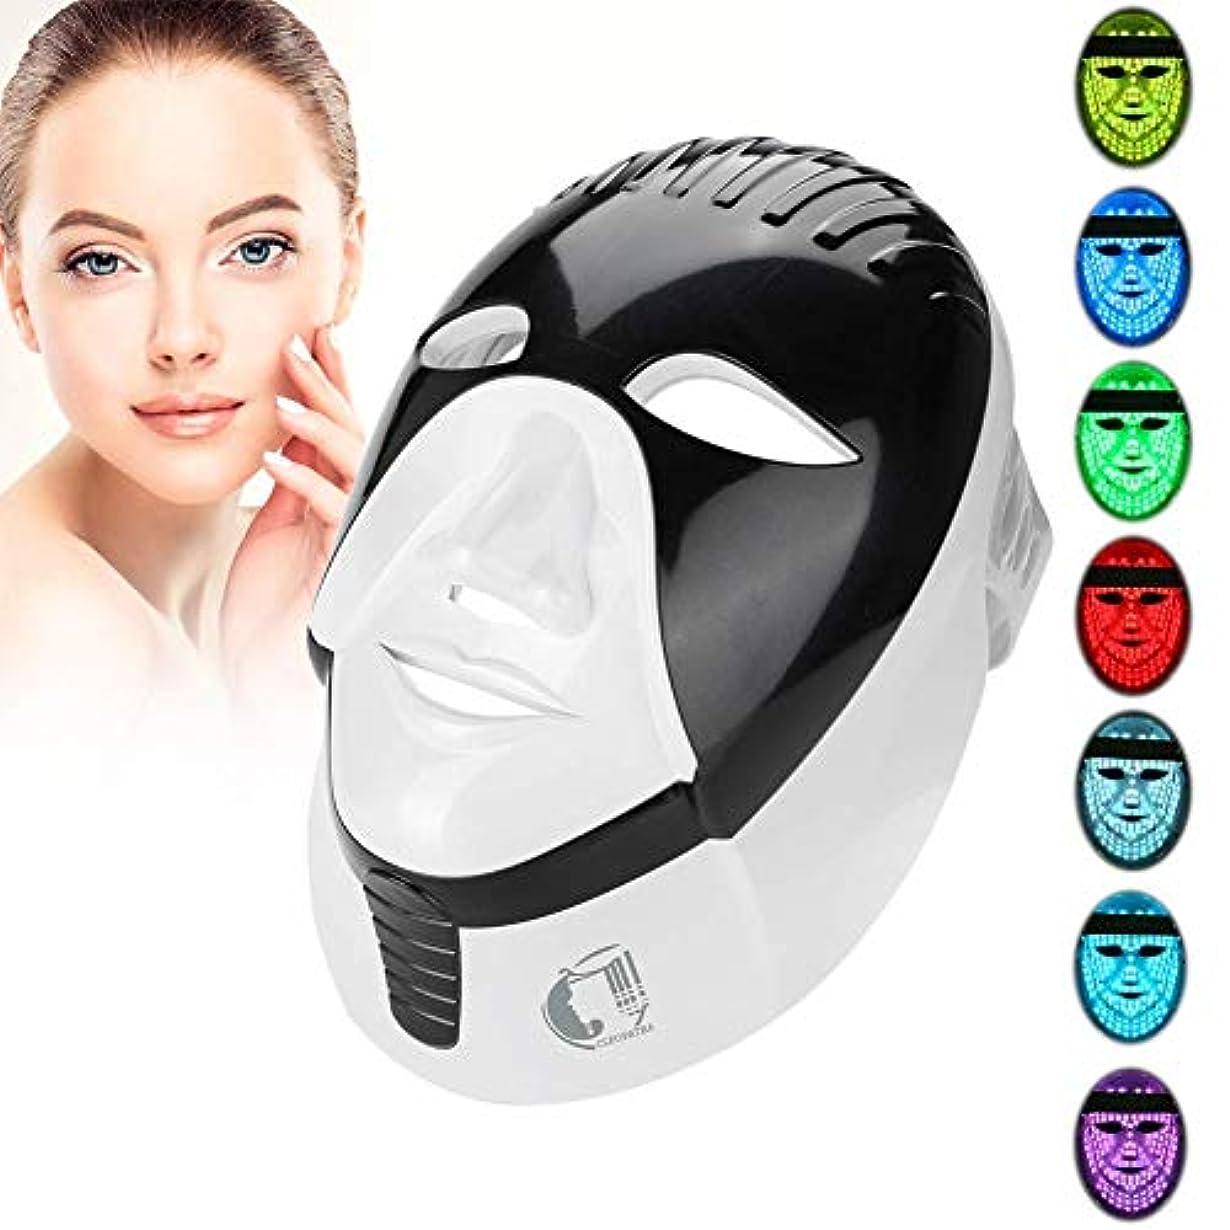 化学者宗教的な光景フォトンセラピー7色マスク、毎日のスキンケアの若返りにきびとしわの除去のための美光療法フェイシャル